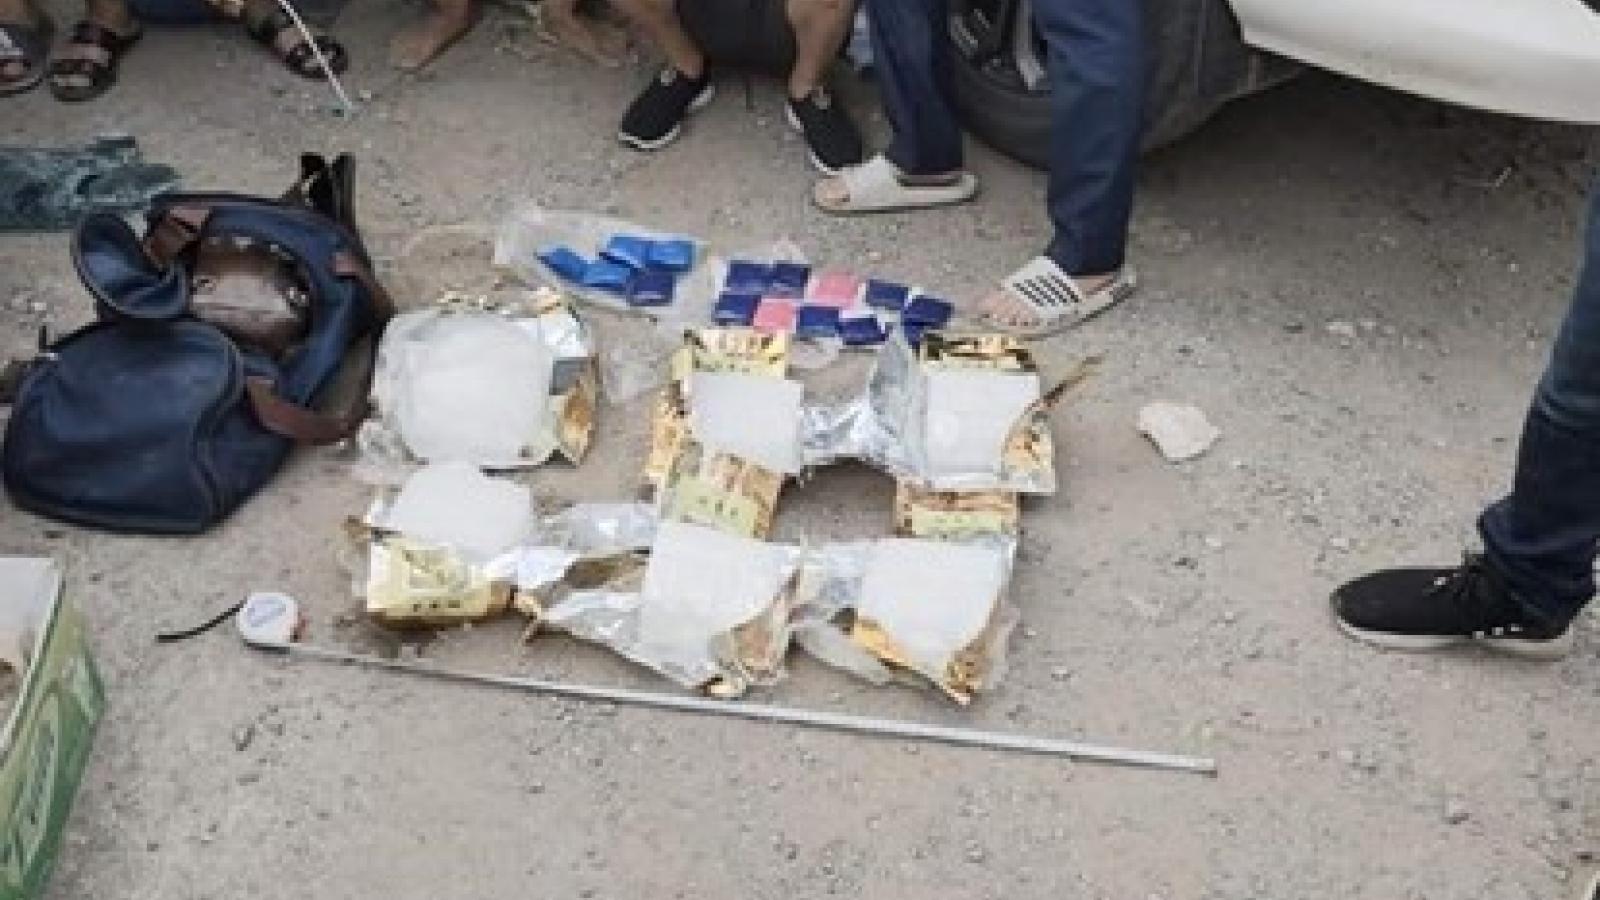 Gần 200 kg heroin và ma túy tổng hợp bị thu giữ trong tháng cao điểm